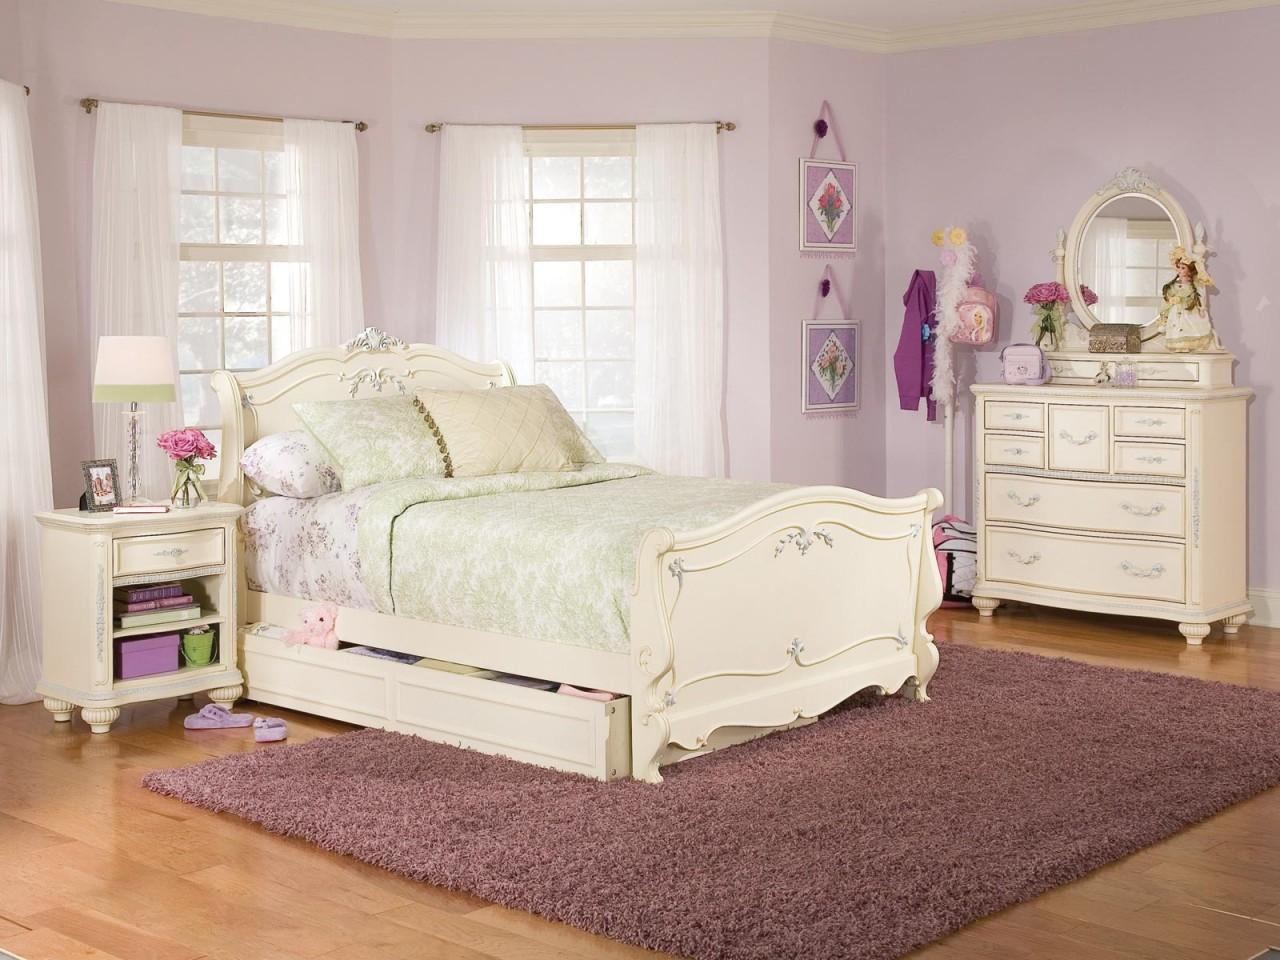 Girls Black Bedroom Set Kids Twin Bed Furniture Bedroom Sets For Teen Girls